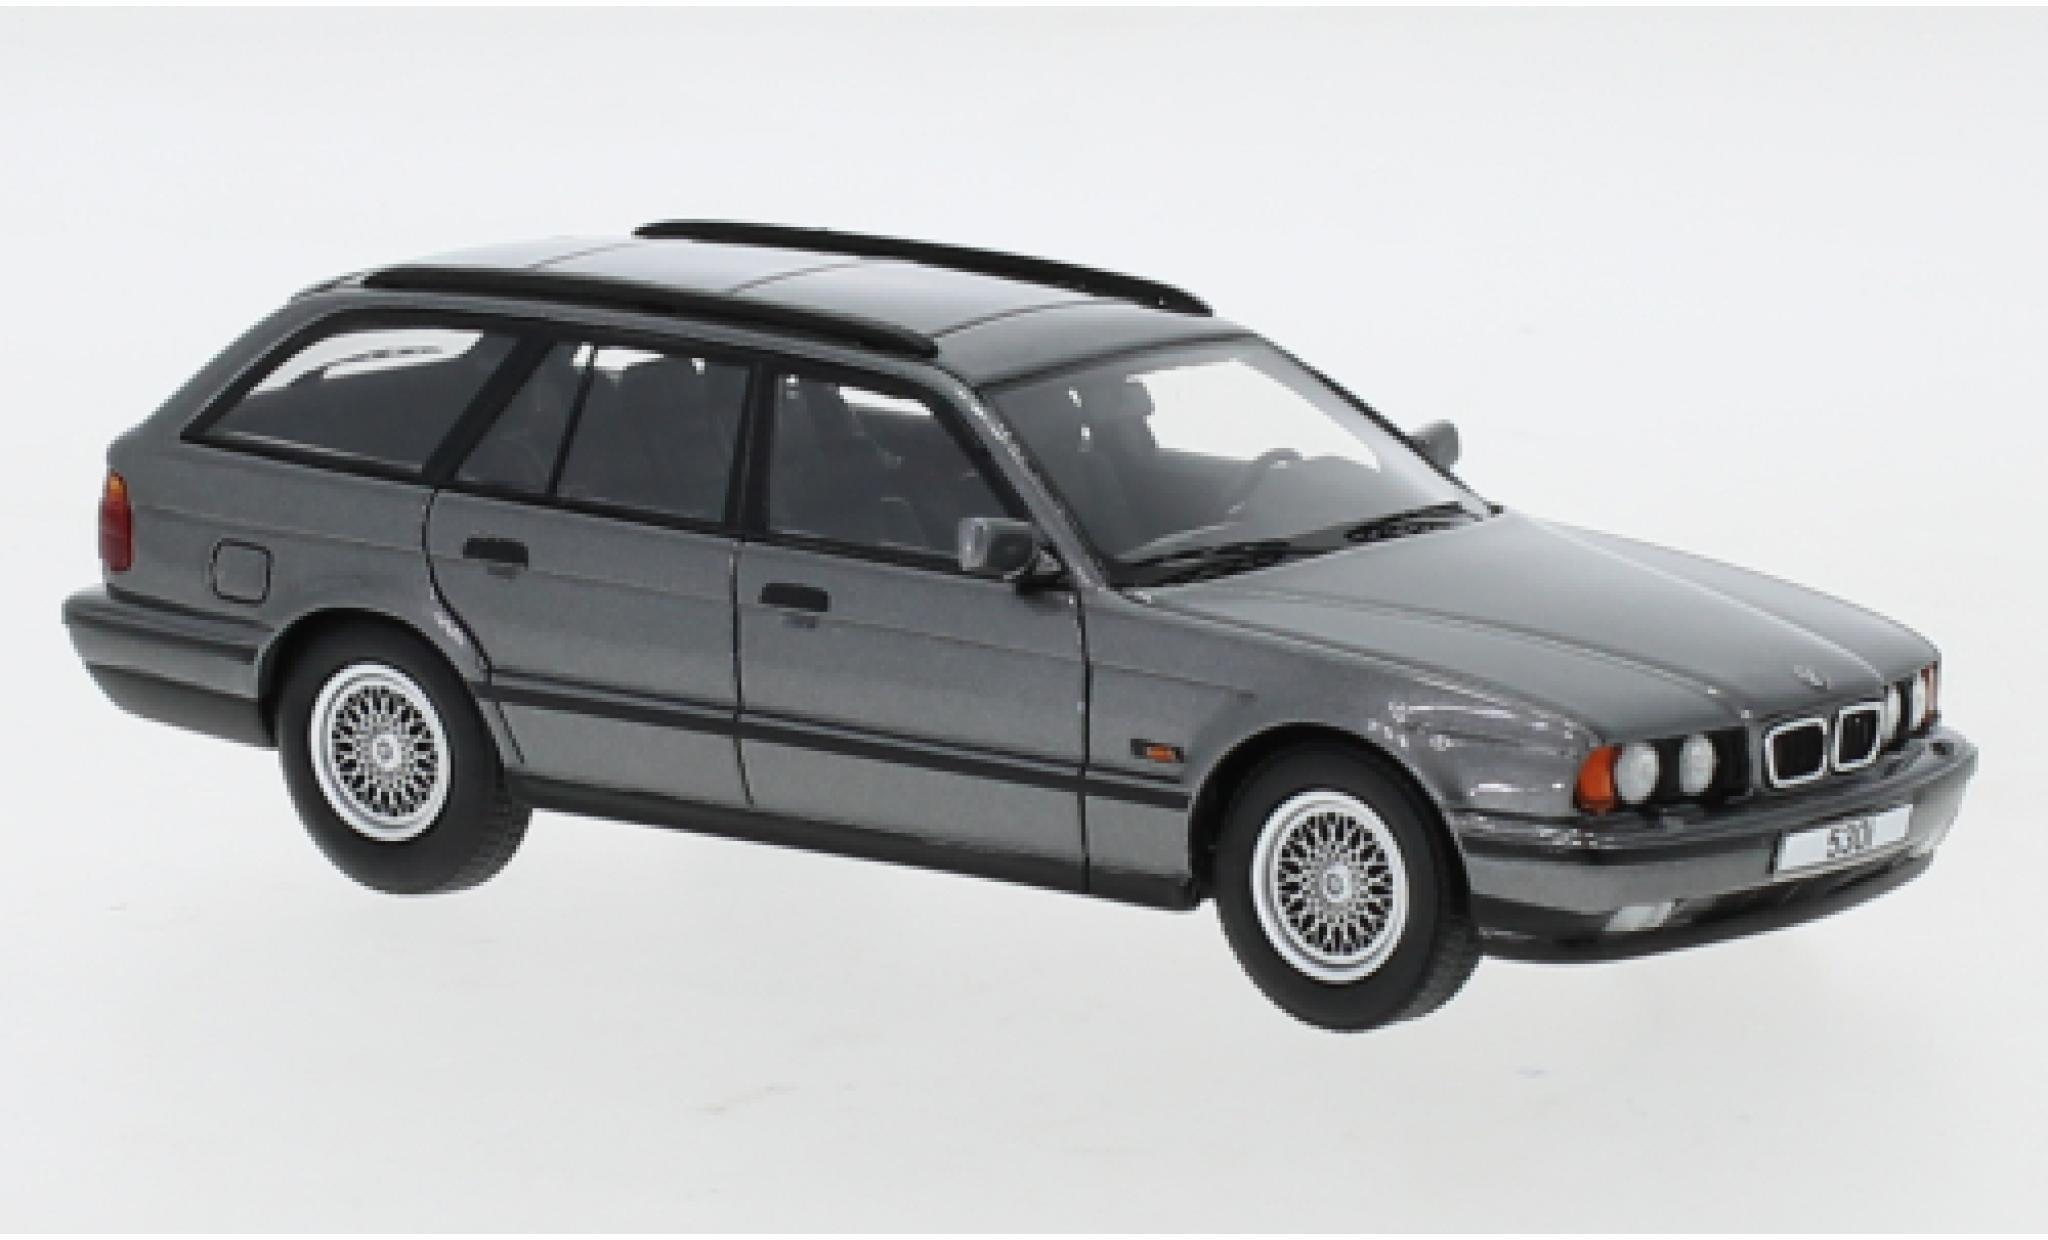 Bmw 530 1/43 Neo i (E34) Touring metallise grey